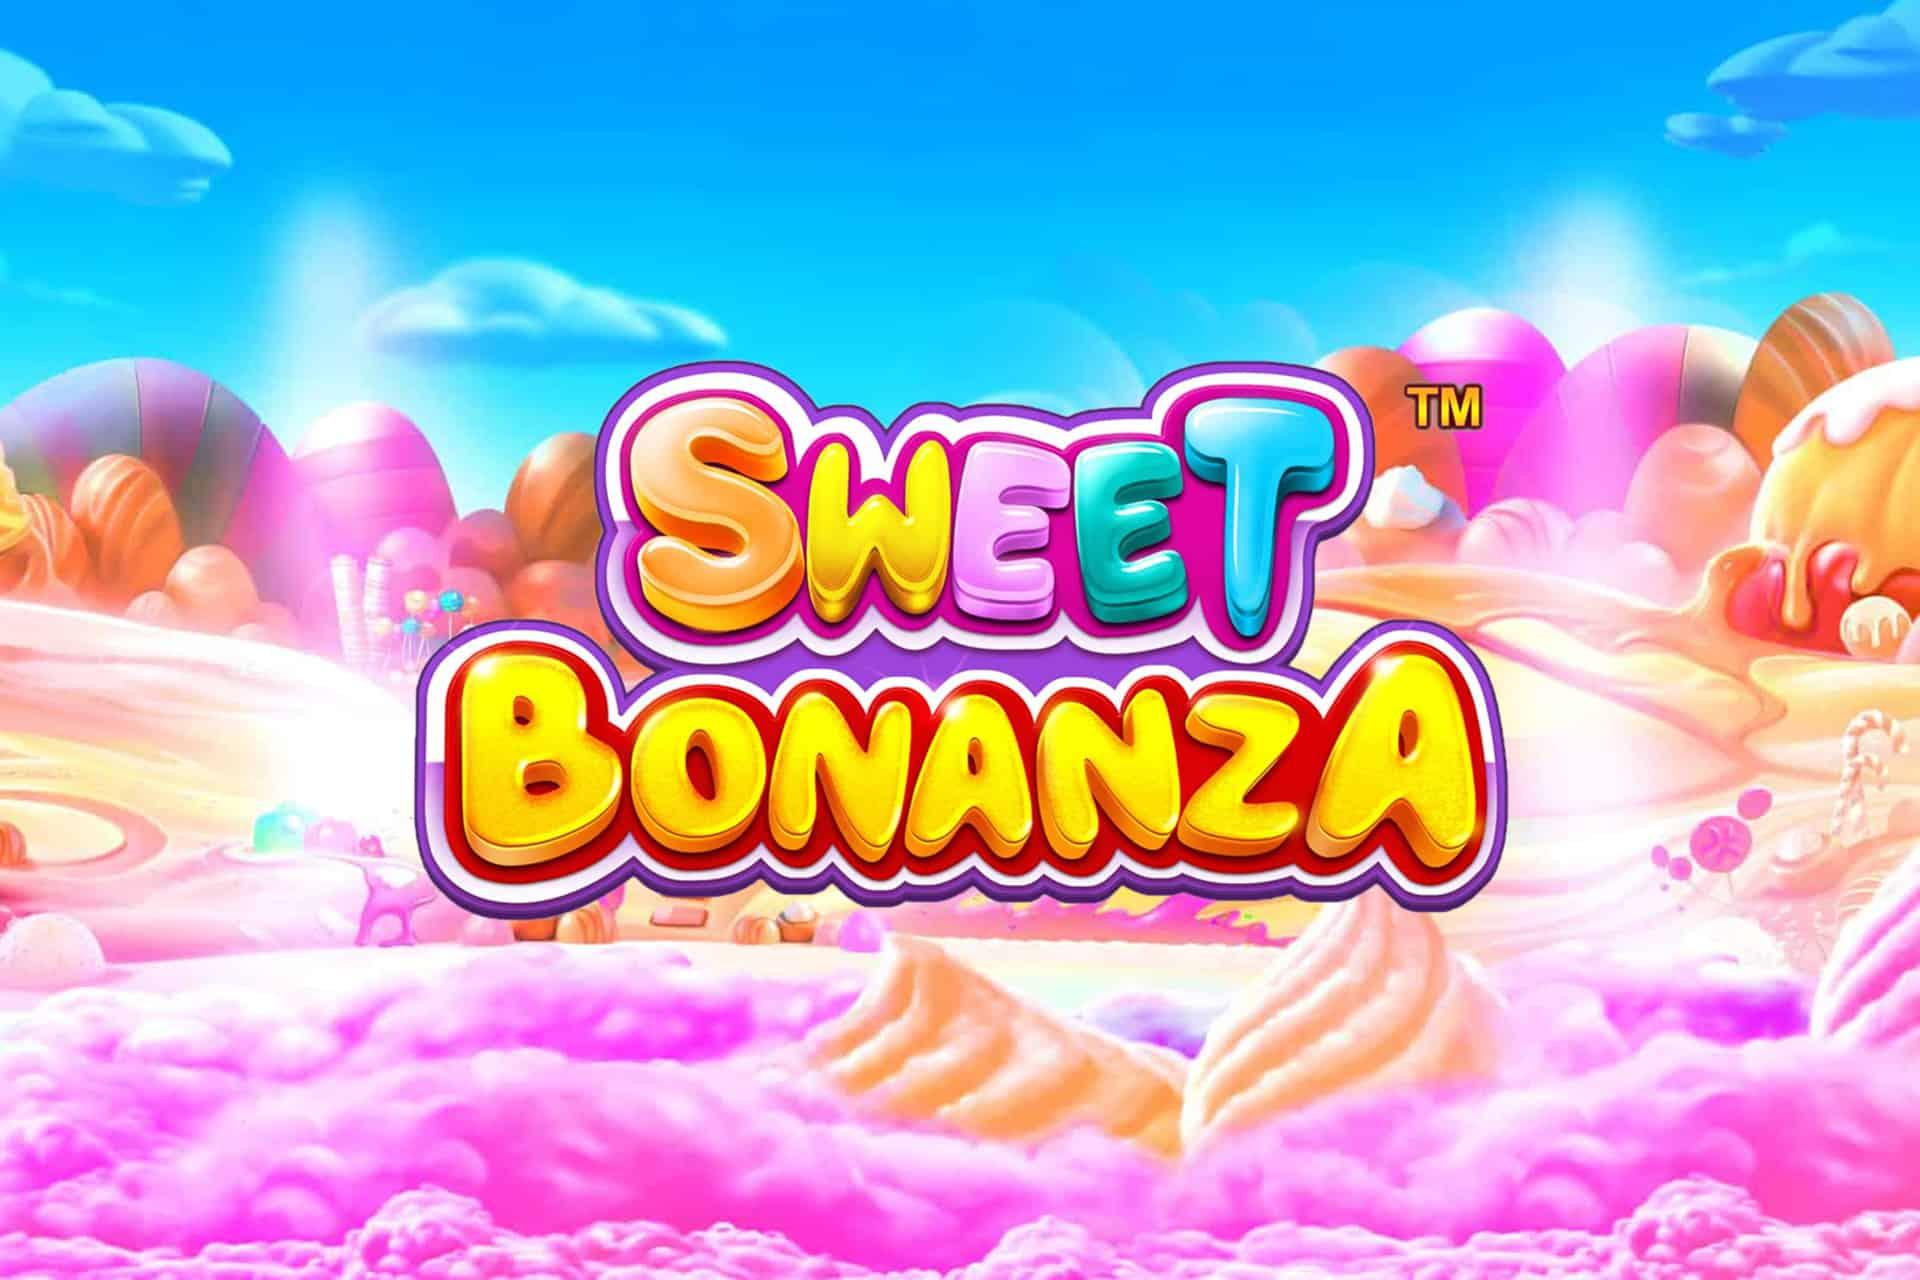 sweet bonanza pragmatic play lošimo automatas slot saldainiai saldumynų pasaulis